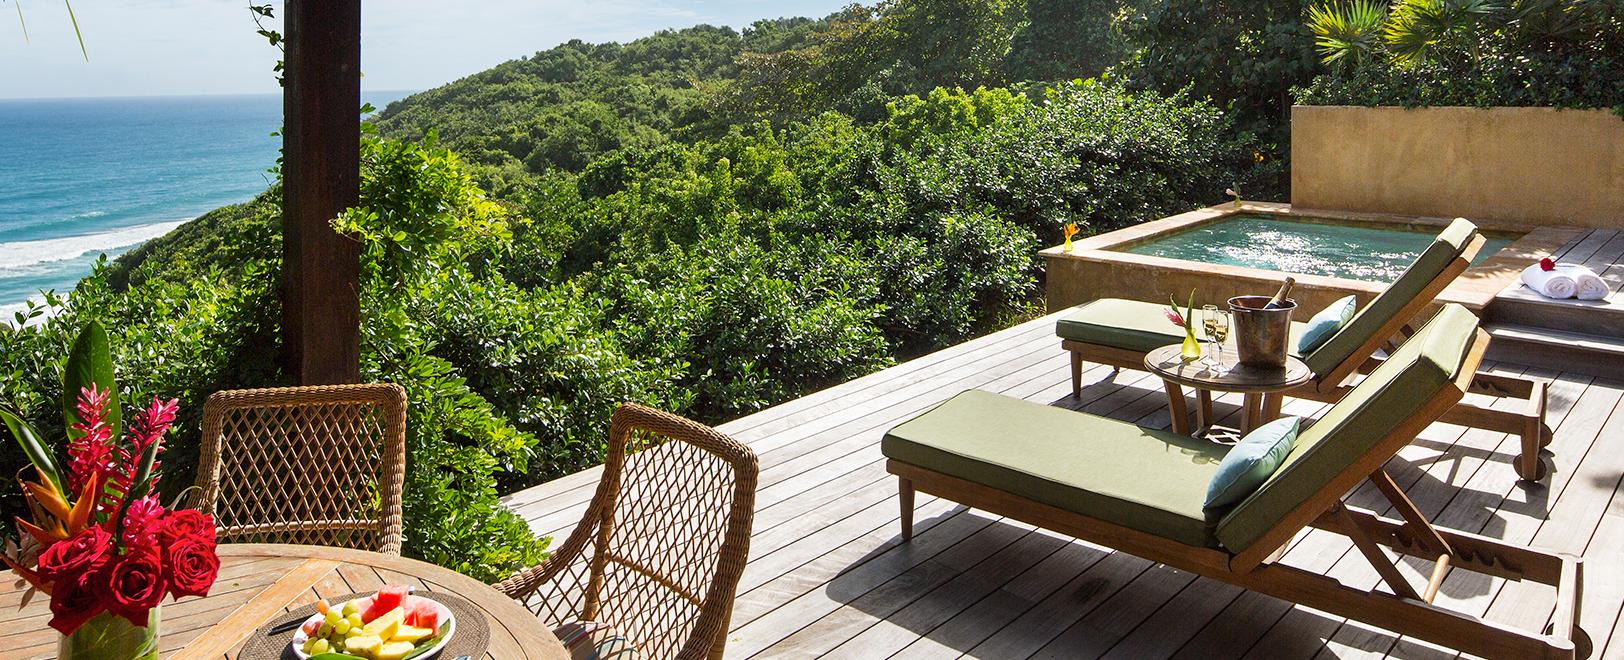 luxury hospitality, lodging, Caribbean, Puerto Rico, Royal Isabela